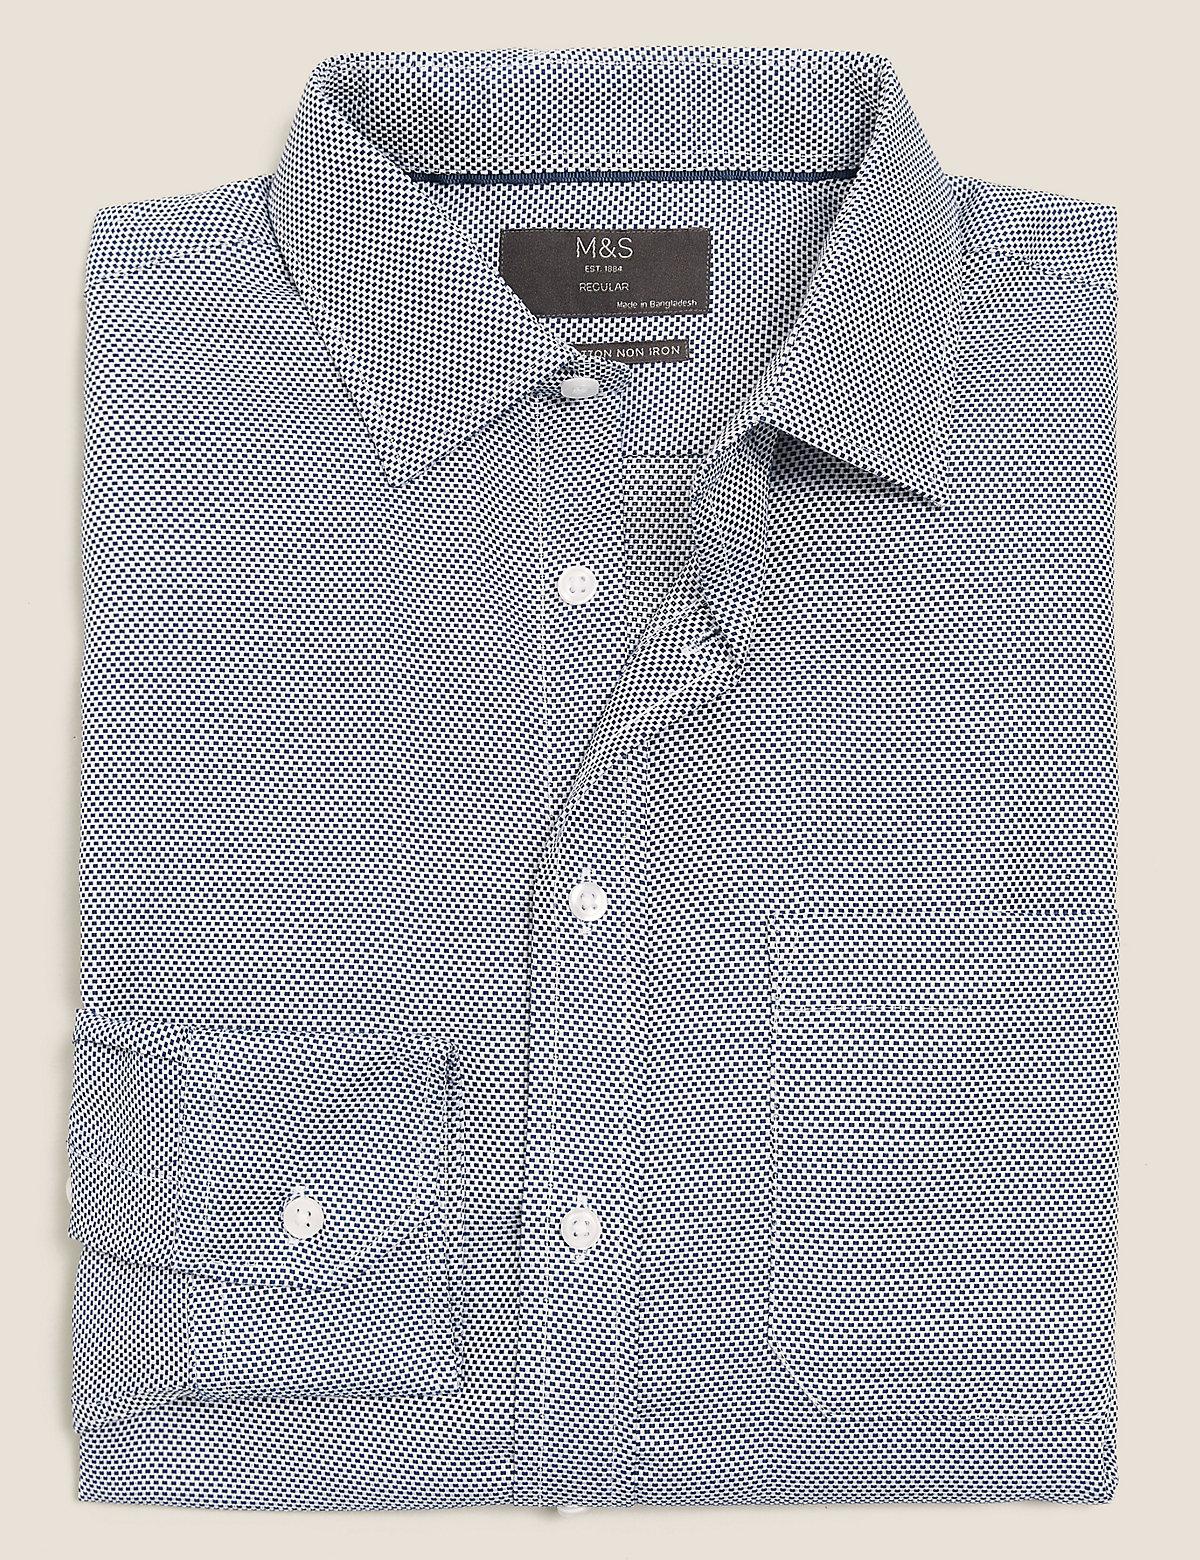 Рубашка из чистого хлопка с гладкой текстурой